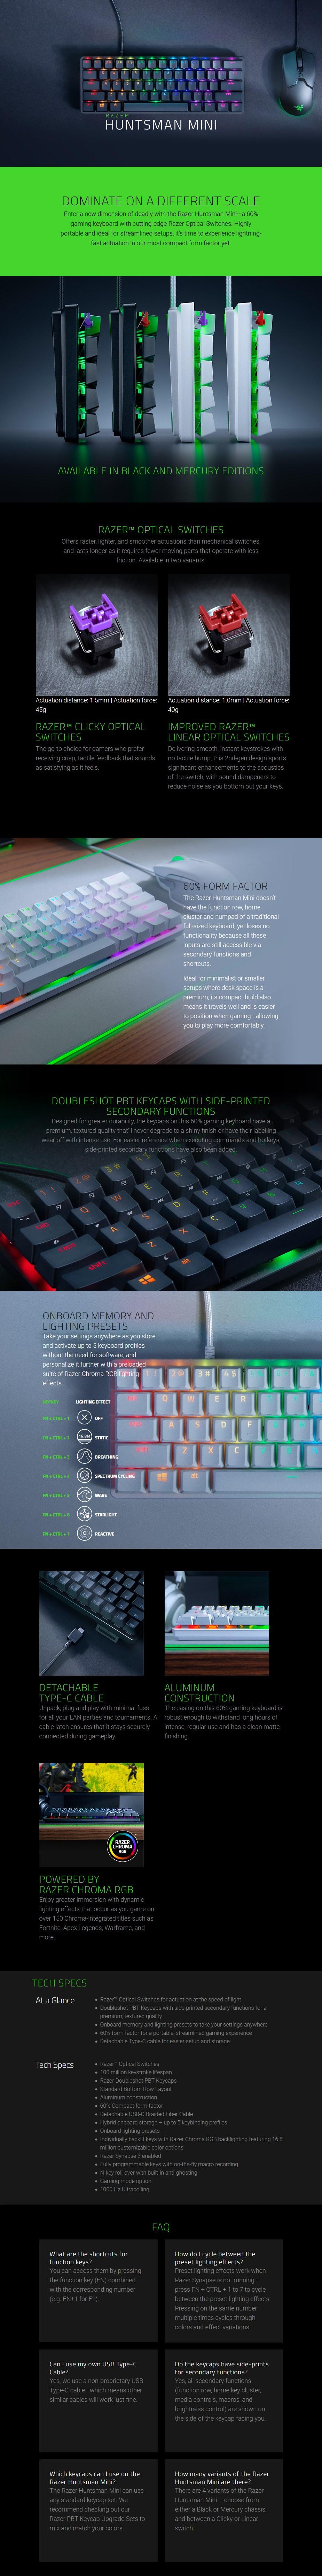 razer-huntsman-mini-mechanical-gaming-keyboard-linear-optical-switches-ac36758-4.jpg